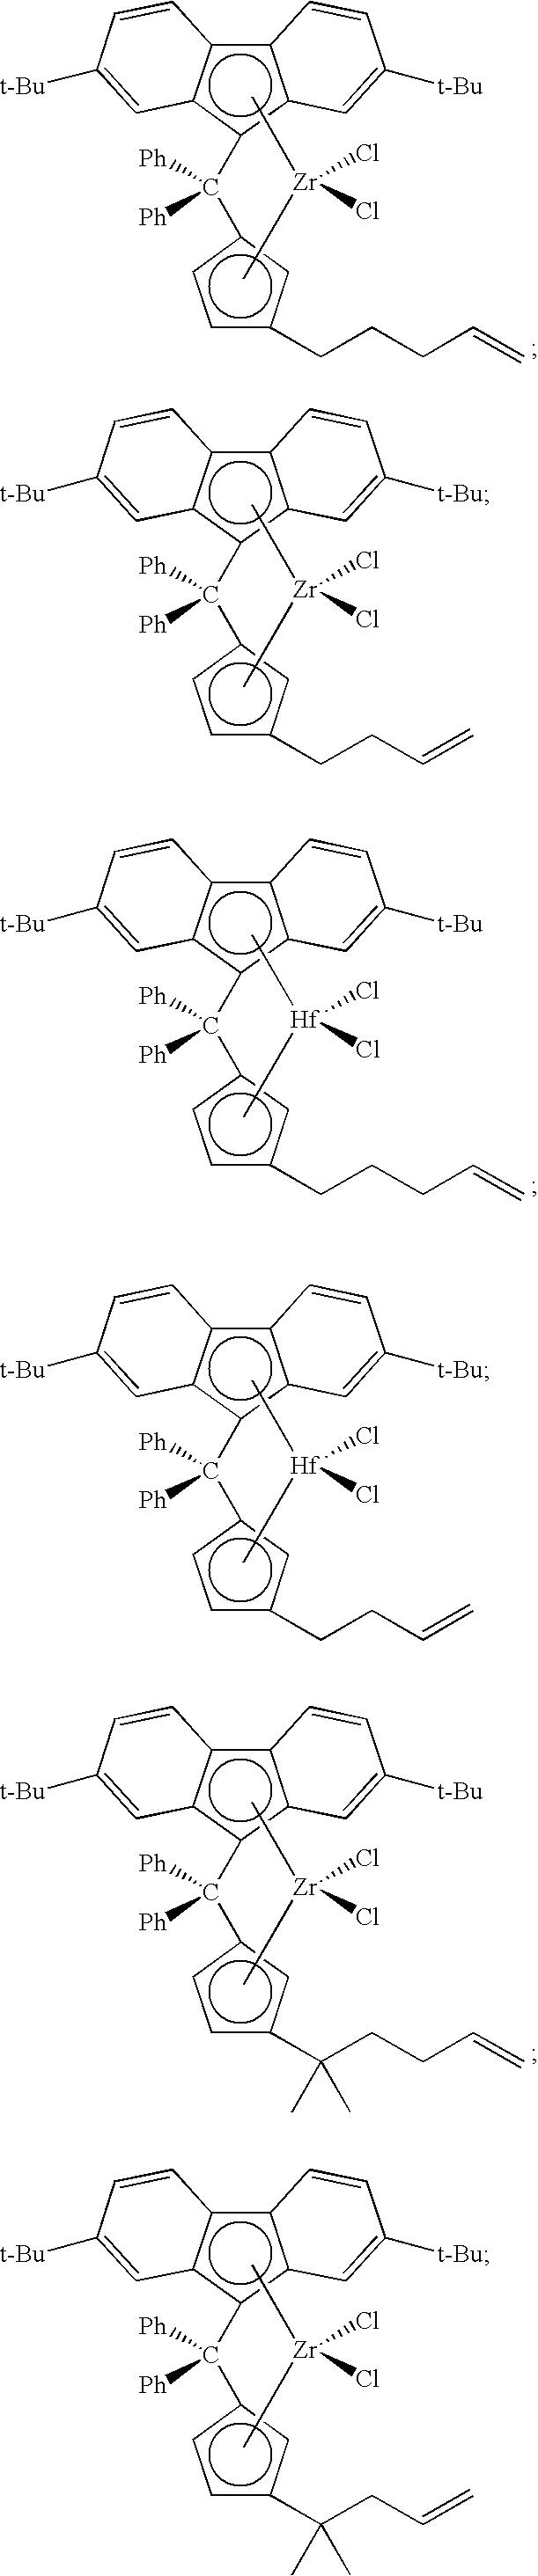 Figure US20100076167A1-20100325-C00001